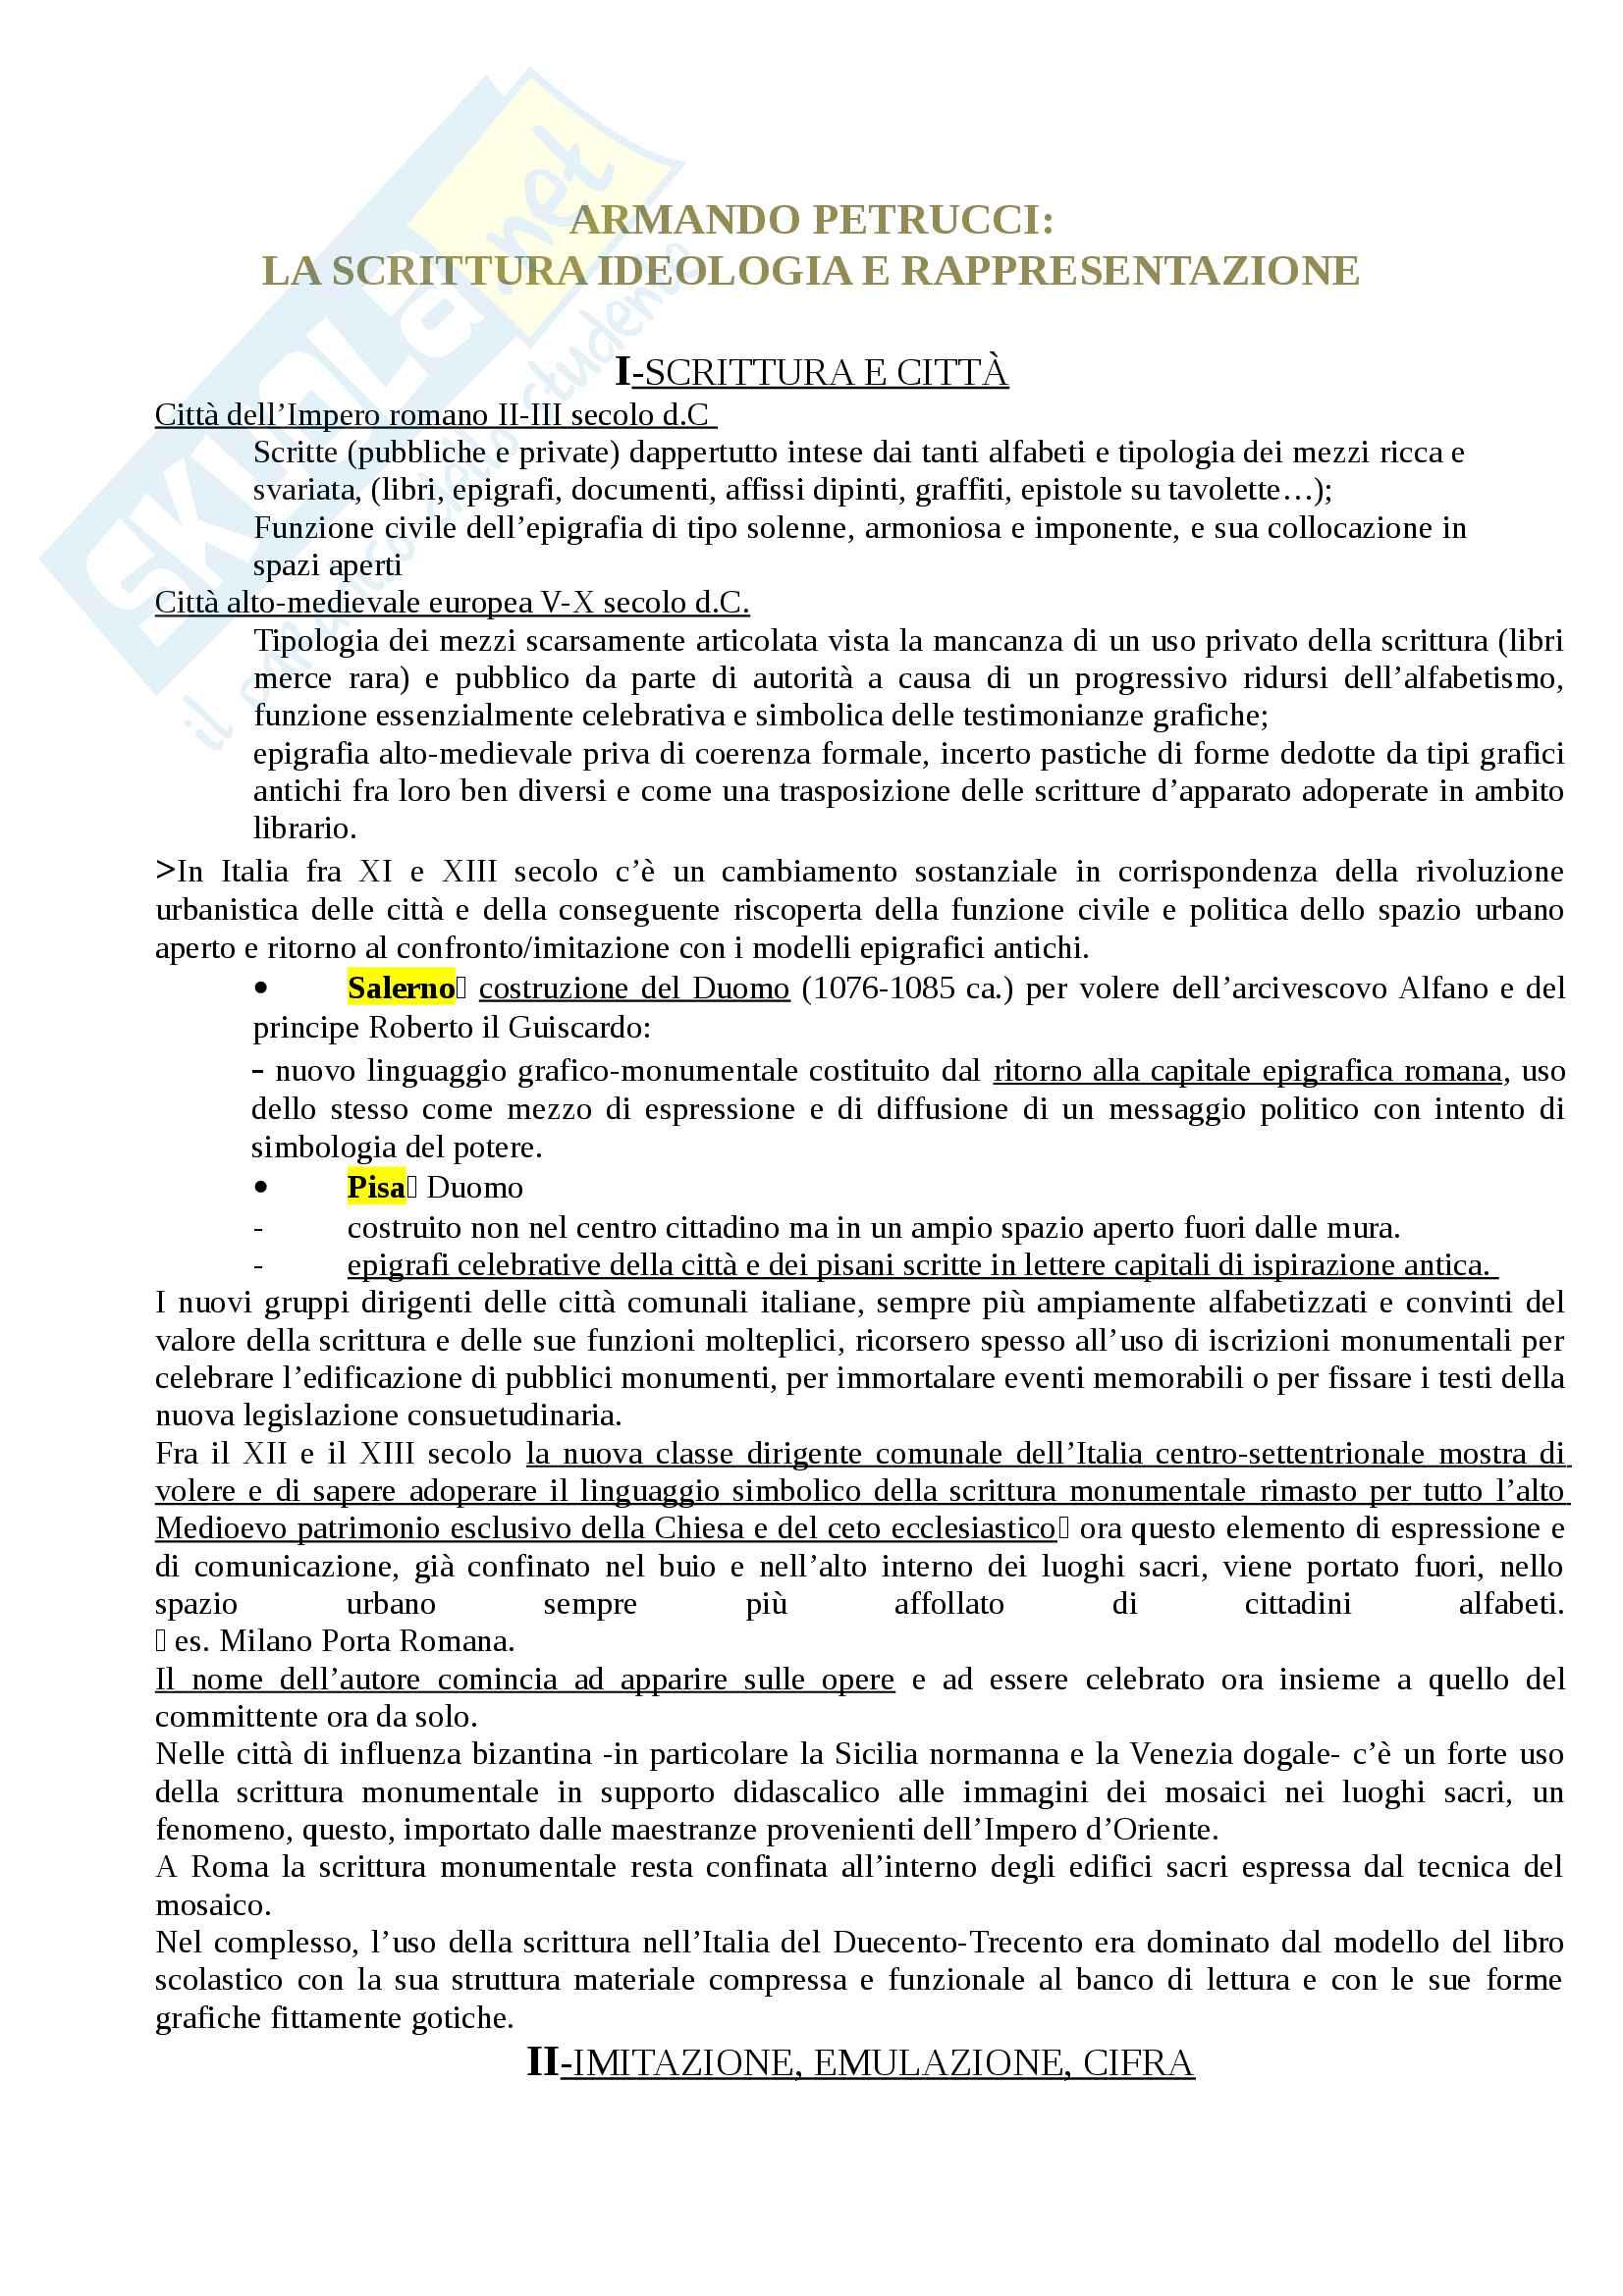 Riassunto esame Storia della stampa e dell'editoria, prof. Braida. Libro consigliato La scrittura ideologia e rappresentazione, Armando Petrucci